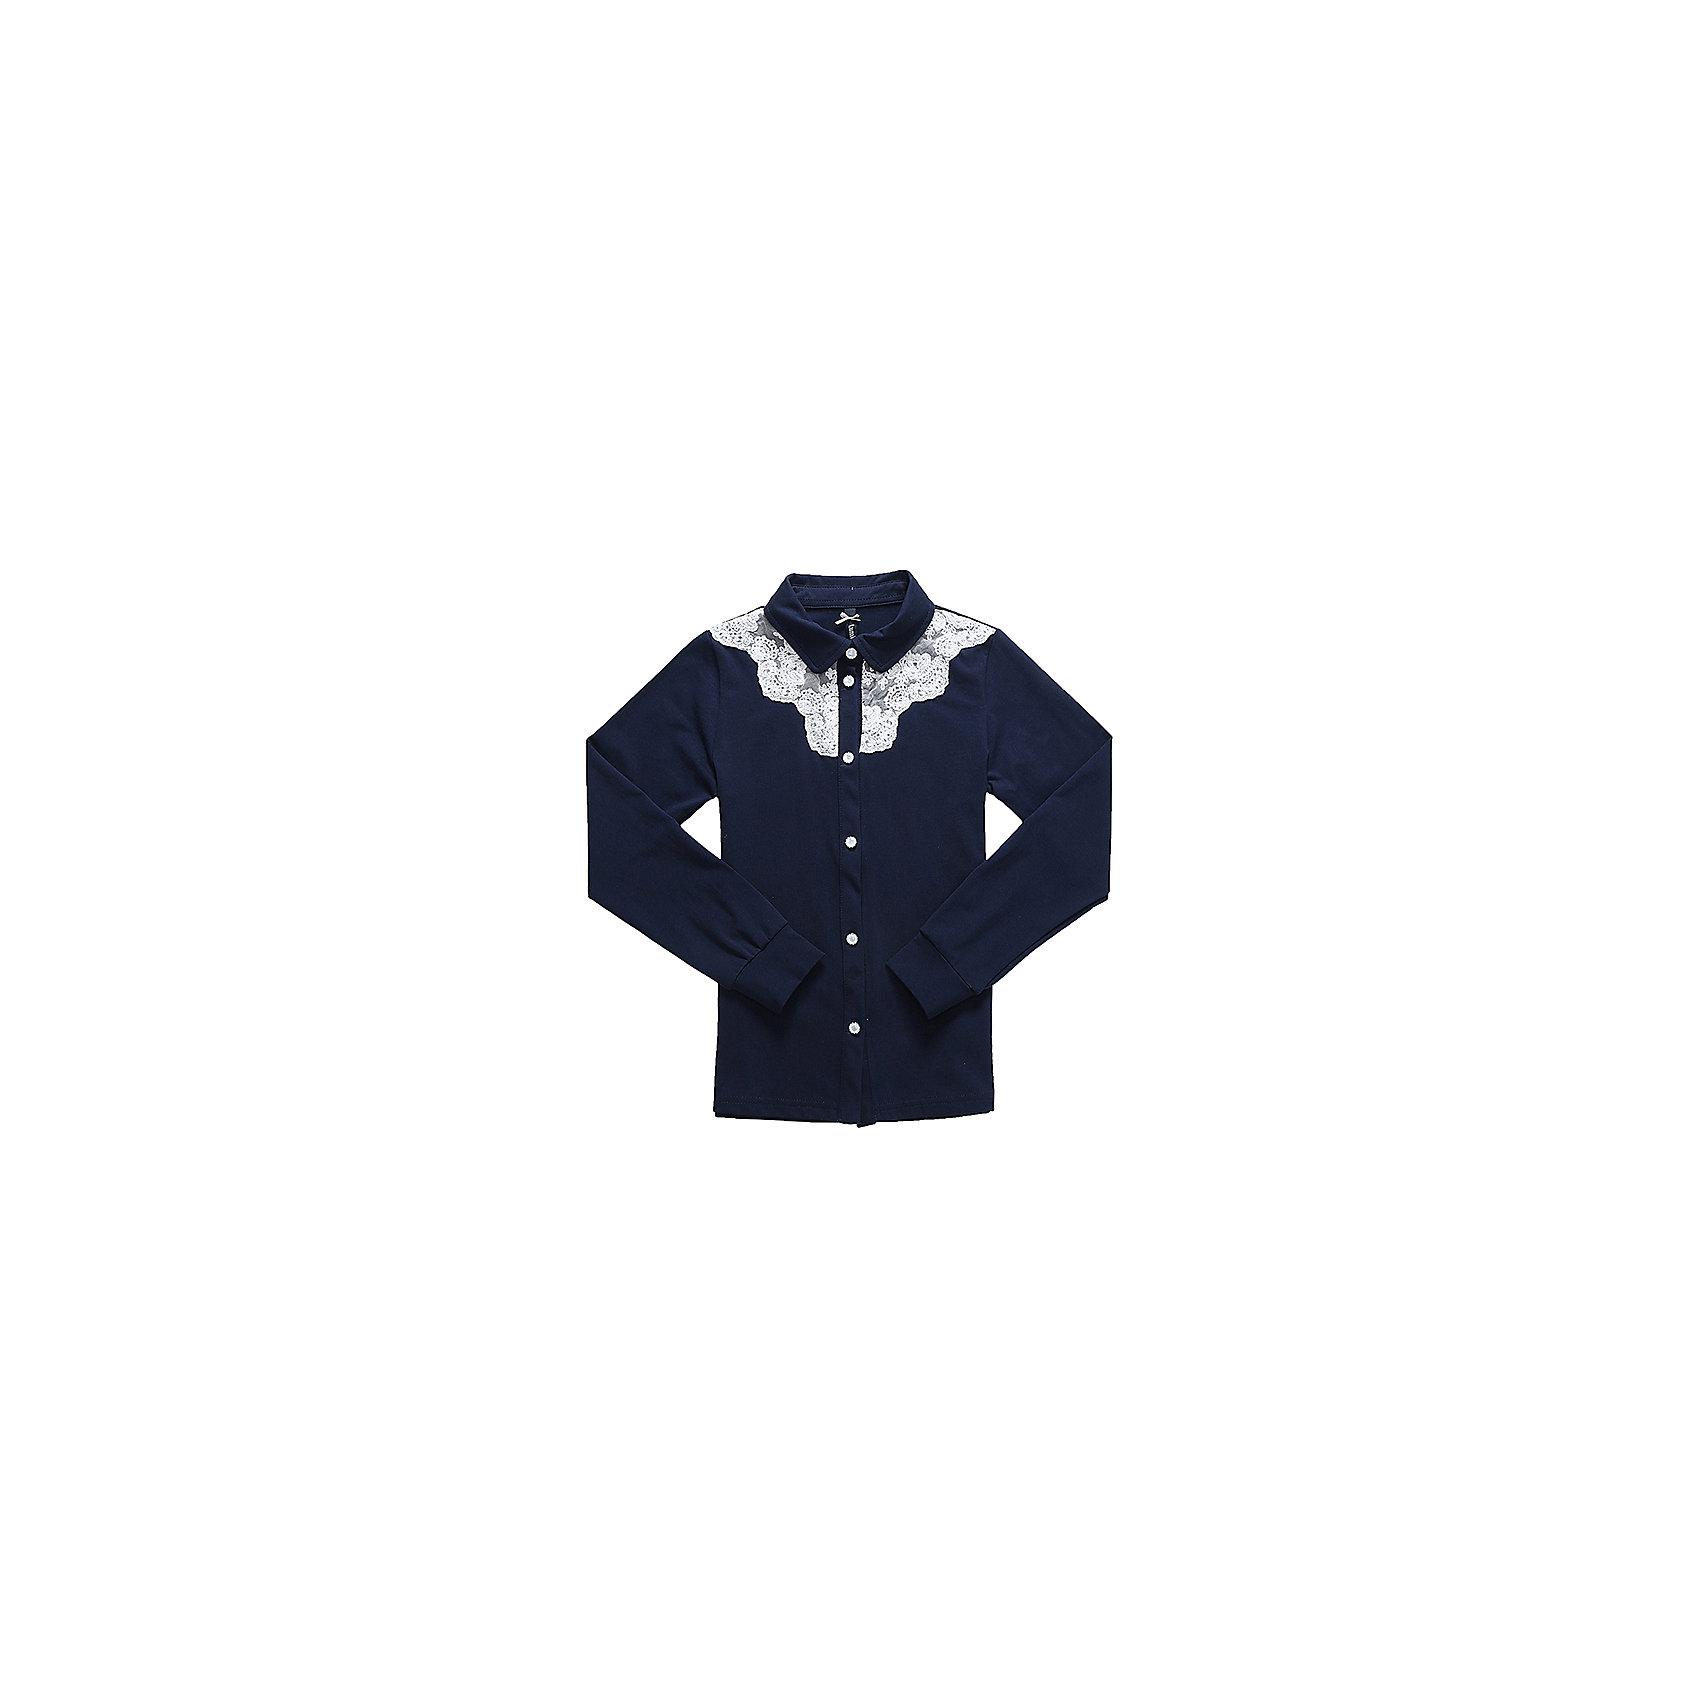 Блузка для девочки LuminosoБлузки и рубашки<br>Характеристики товара:<br><br>• цвет: синий;<br>• состав: 95% хлопок, 5% эластан;<br>• сезон: демисезон;<br>• особенности: школьная, однотонная;<br>• с длинным рукавом;<br>• застежка: пуговицы;<br>• трикотажный эластичные манжеты; <br>• отложной воротничок;<br>• ворот декорирован кружевом;<br>• страна бренда: Россия;<br>• страна производства: Китай.<br><br>Школьная блузка с длинным рукавом для девочки из хлопкового полотна, с отложным воротничком. Рукав с трикотажным манжетом. Блузка декорирована контрастным кружевным плетением. Застегивается на изящные пуговки.<br><br>Блузка для девочки Luminoso (Люминосо) можно купить в нашем интернет-магазине.<br><br>Ширина мм: 186<br>Глубина мм: 87<br>Высота мм: 198<br>Вес г: 197<br>Цвет: синий<br>Возраст от месяцев: 84<br>Возраст до месяцев: 96<br>Пол: Женский<br>Возраст: Детский<br>Размер: 128,134,140,146,152,158,164,122<br>SKU: 6672896